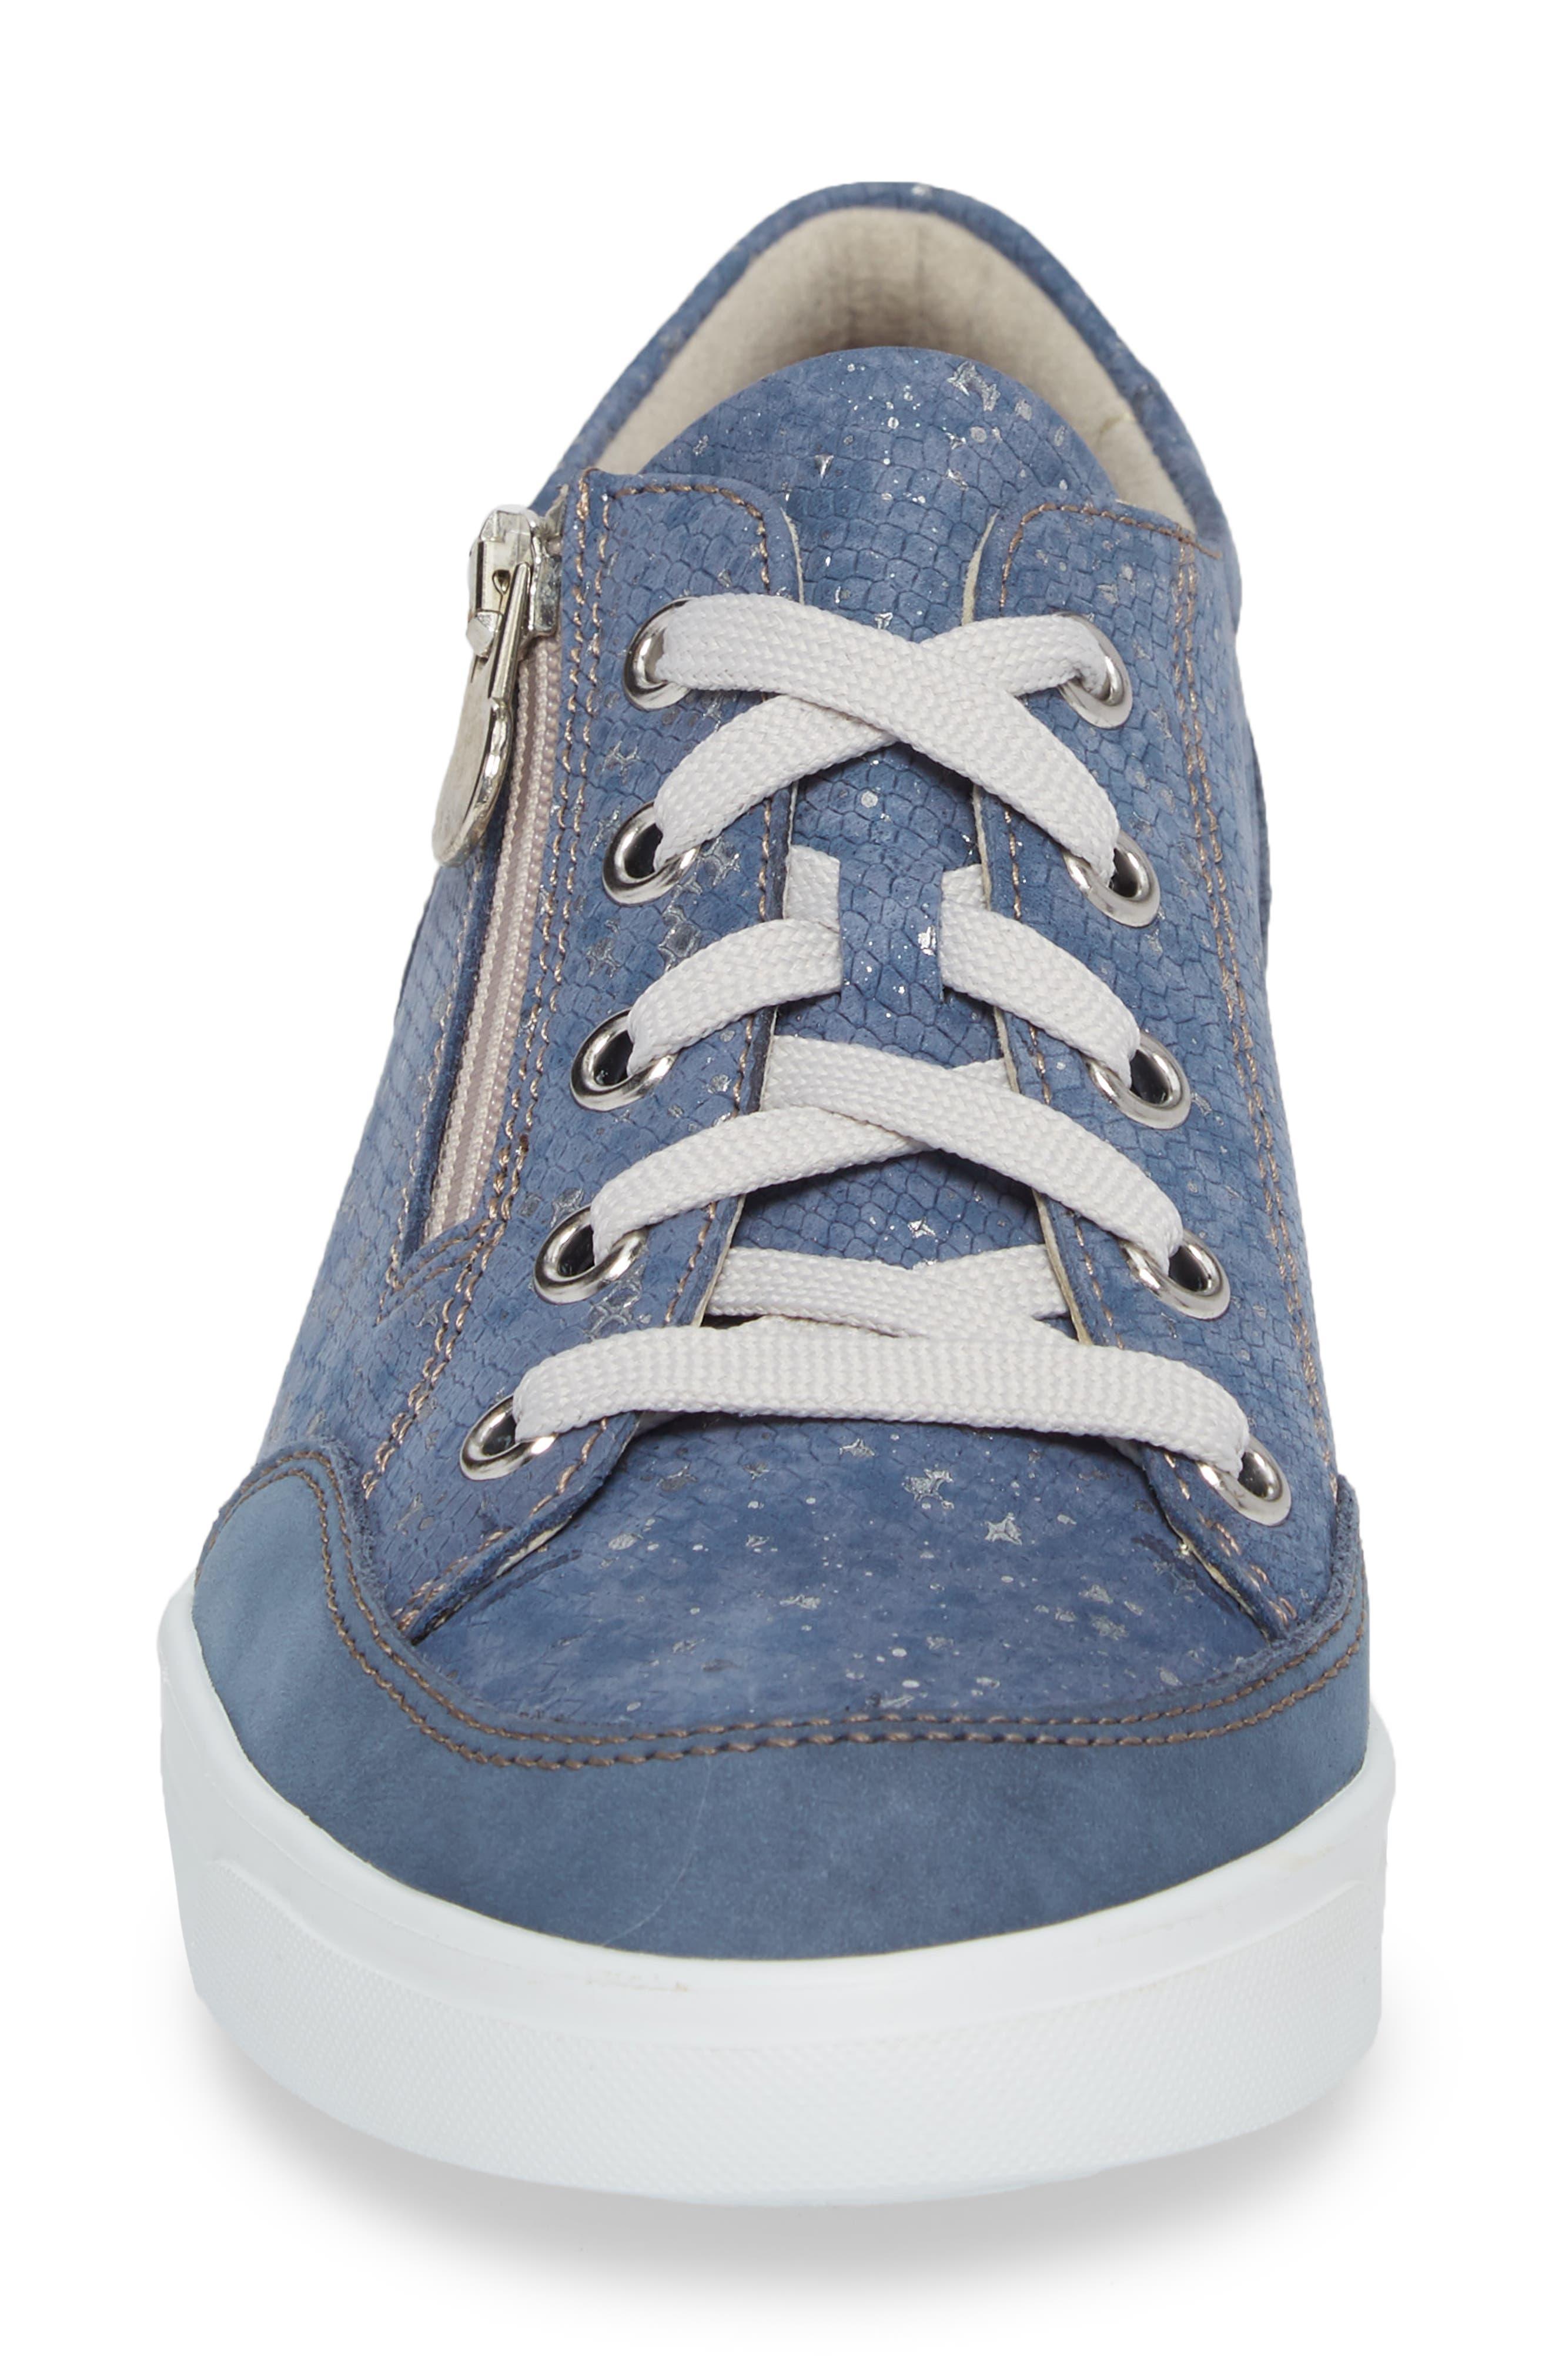 Gabbie Sneaker,                             Alternate thumbnail 4, color,                             Denim Metallic Print